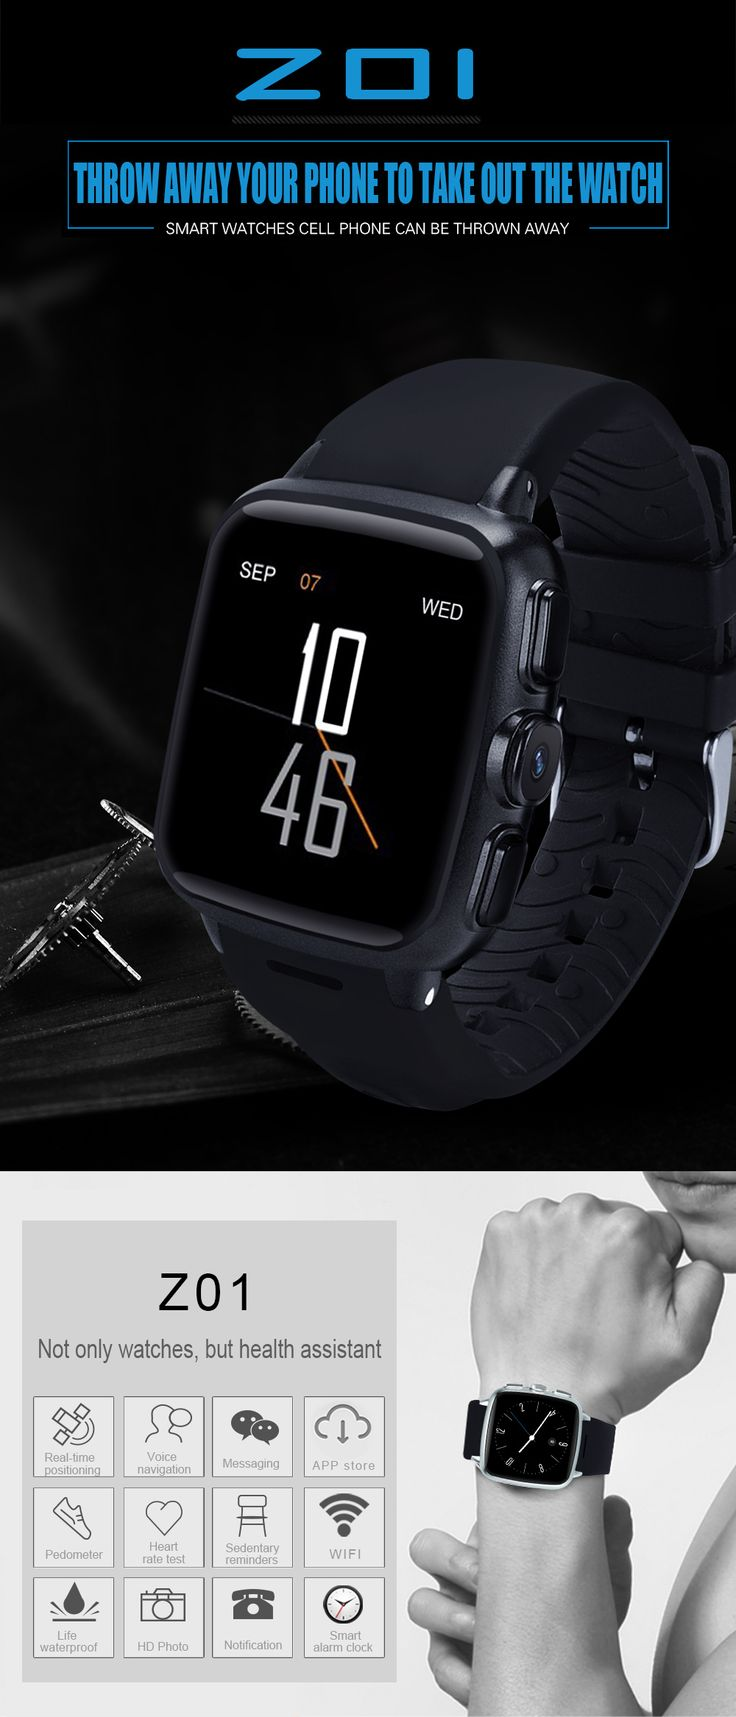 Z01 ВАЙ-ФАЙ 3G WCDMA 500 миллионов пикселей камеры Android 5,1 GPS Спортивные записи смарт-часы